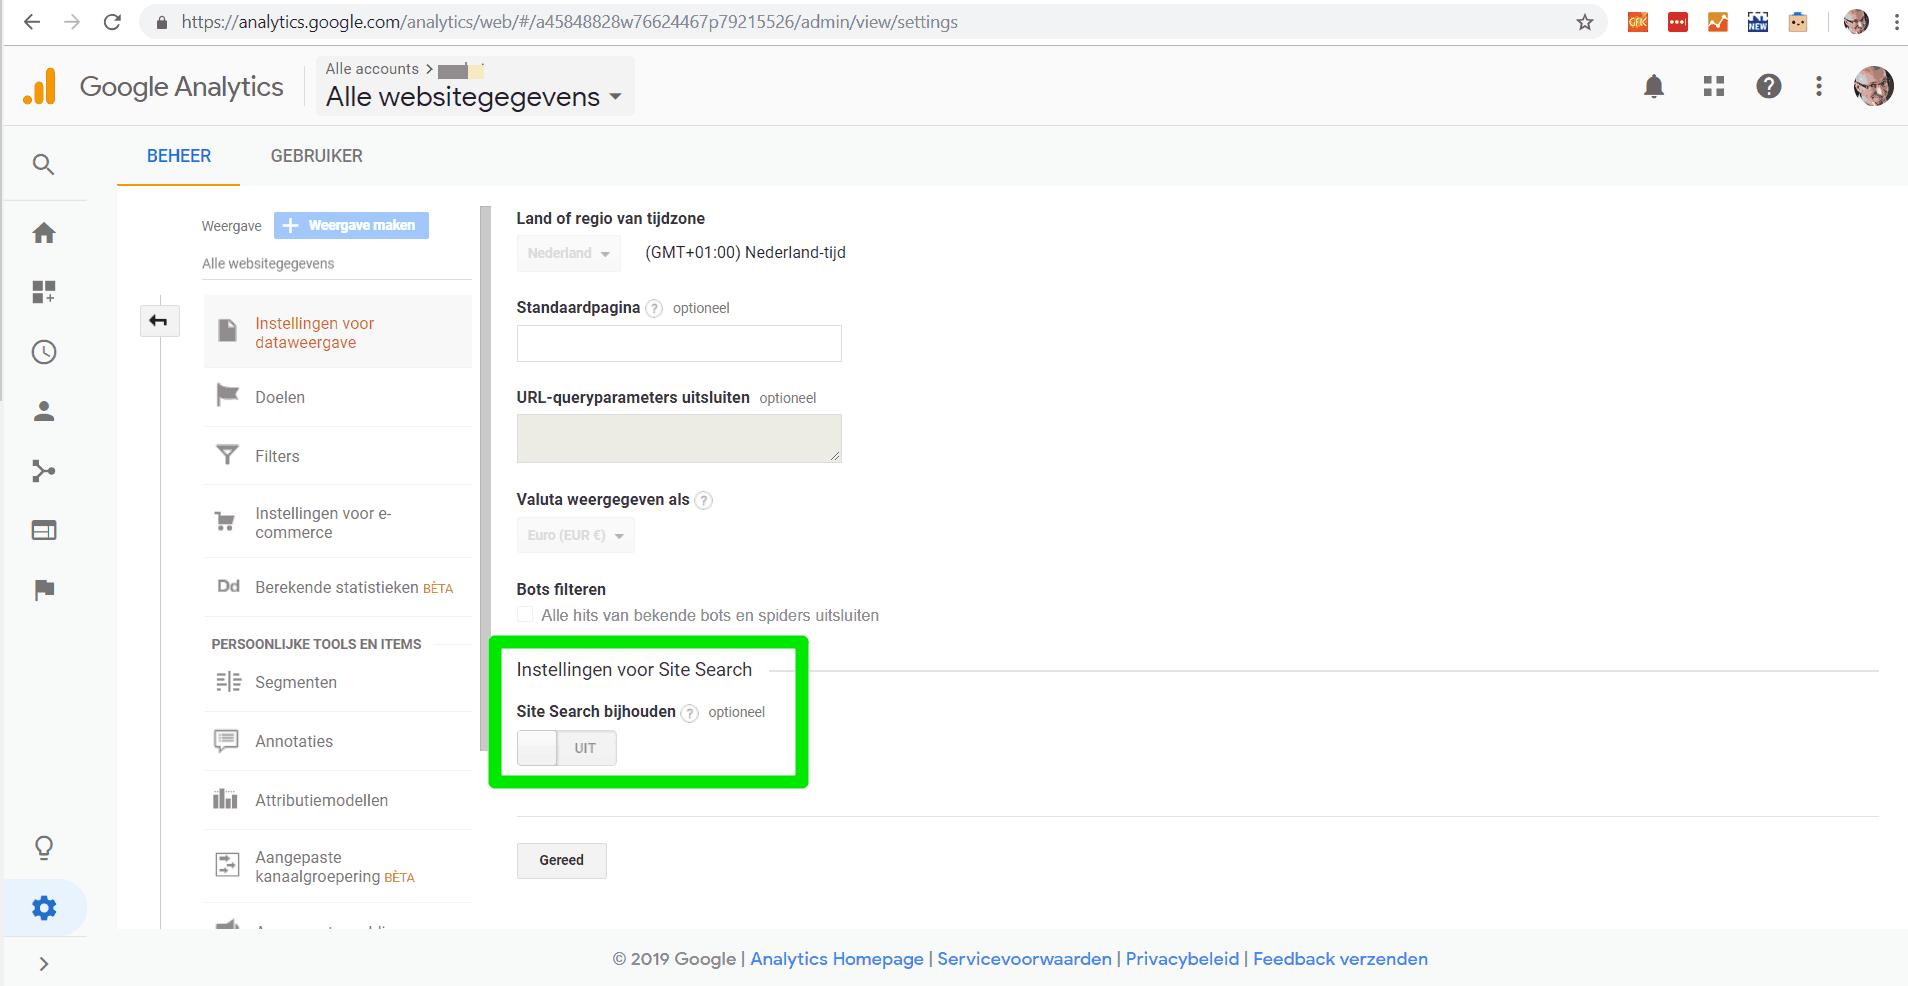 Stap 2: inschakelen van Site Search in de instellingen